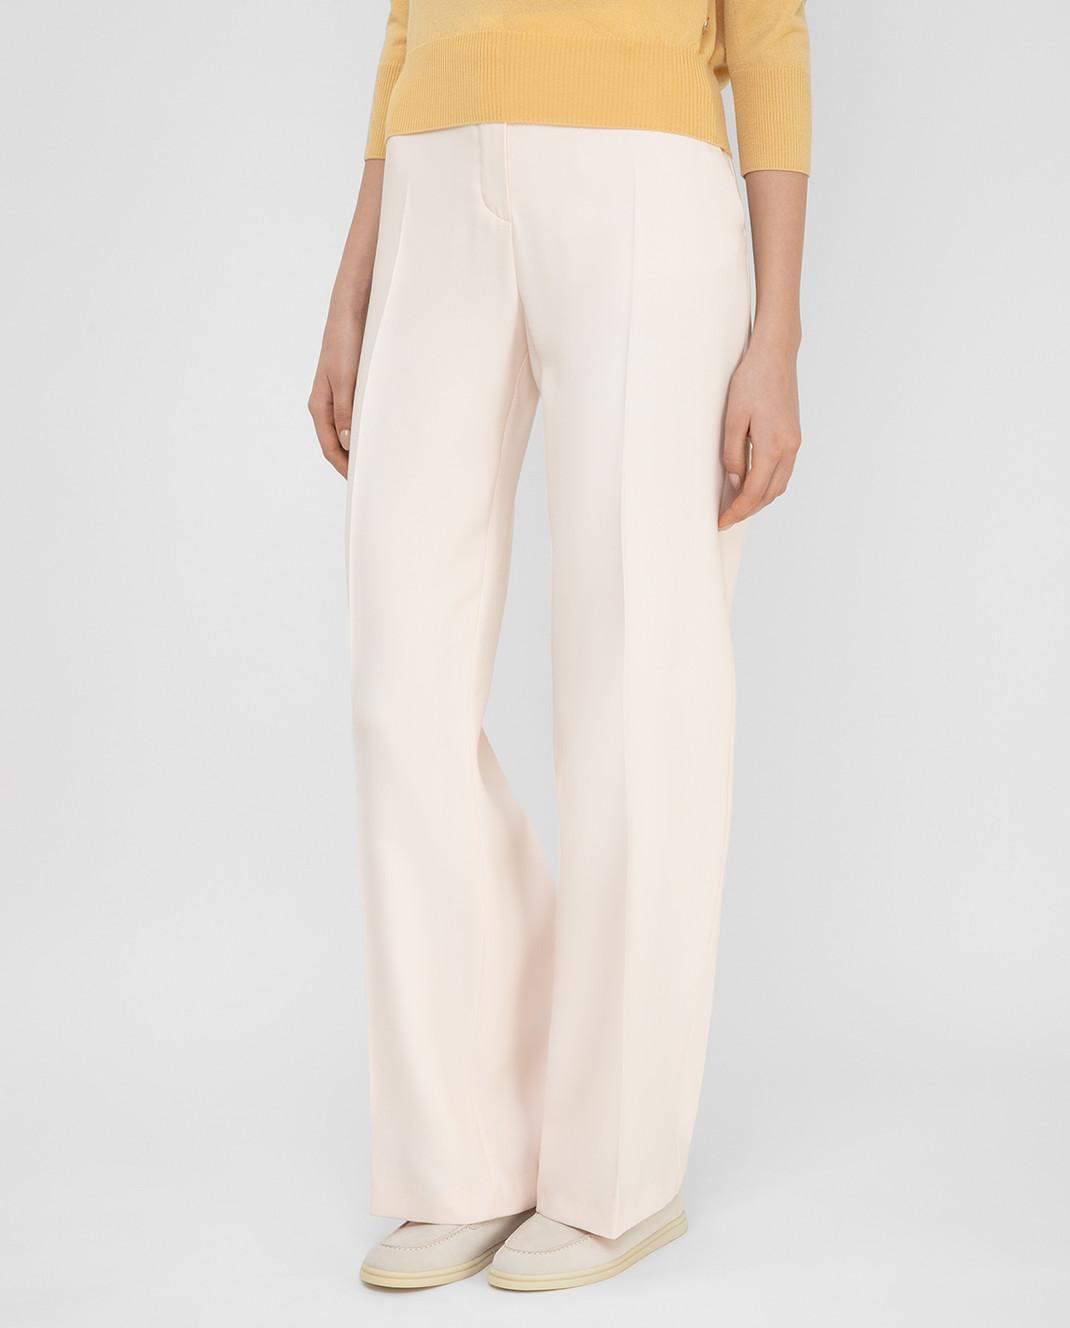 Loro Piana Розовые брюки из шелка и шерсти F1FAI5226 изображение 3